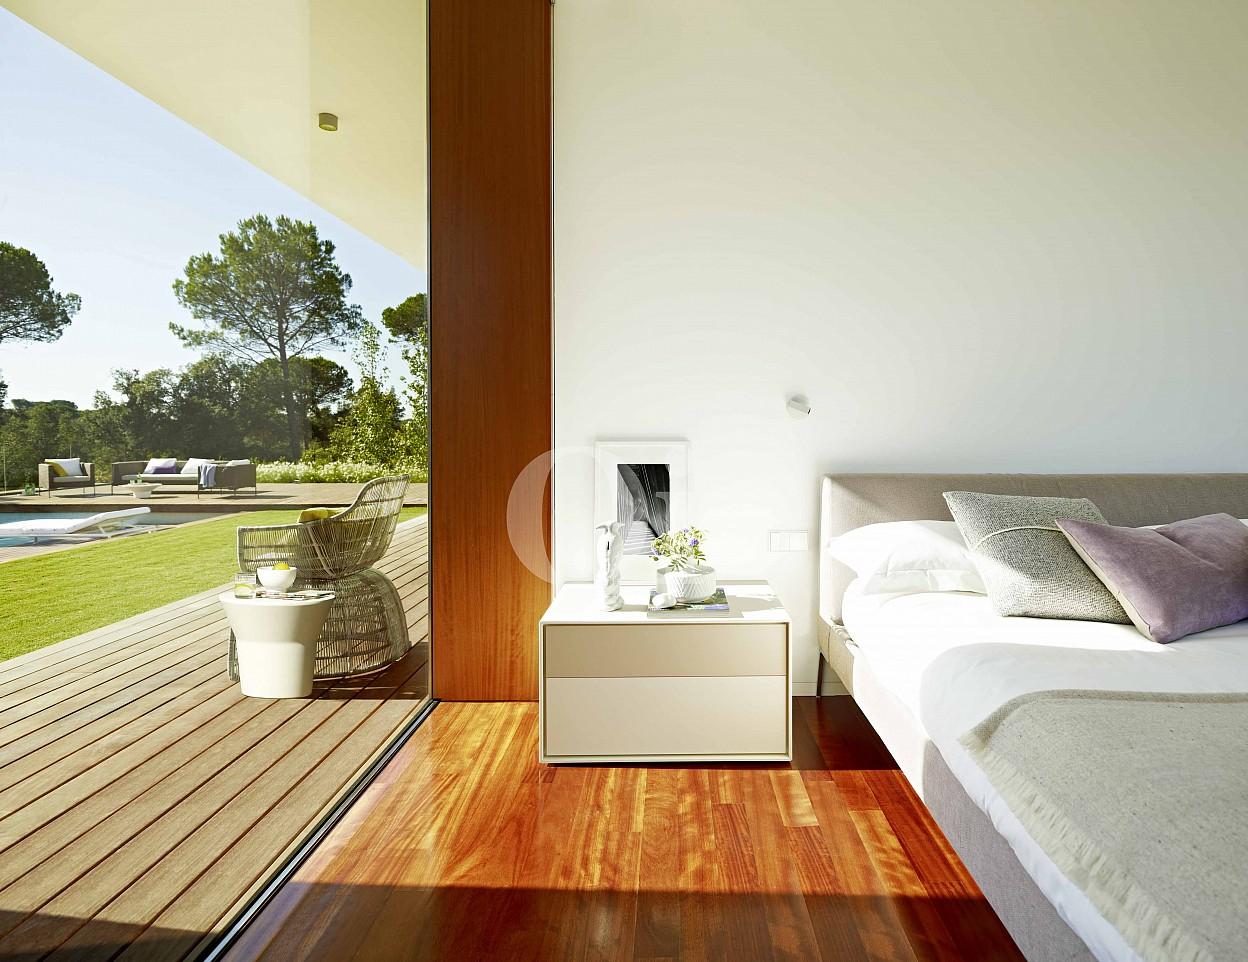 Exclusiva habitación con cama doble y acceso directo al jardín con piscina en casa en venta ubicada en Caldes de Malavella